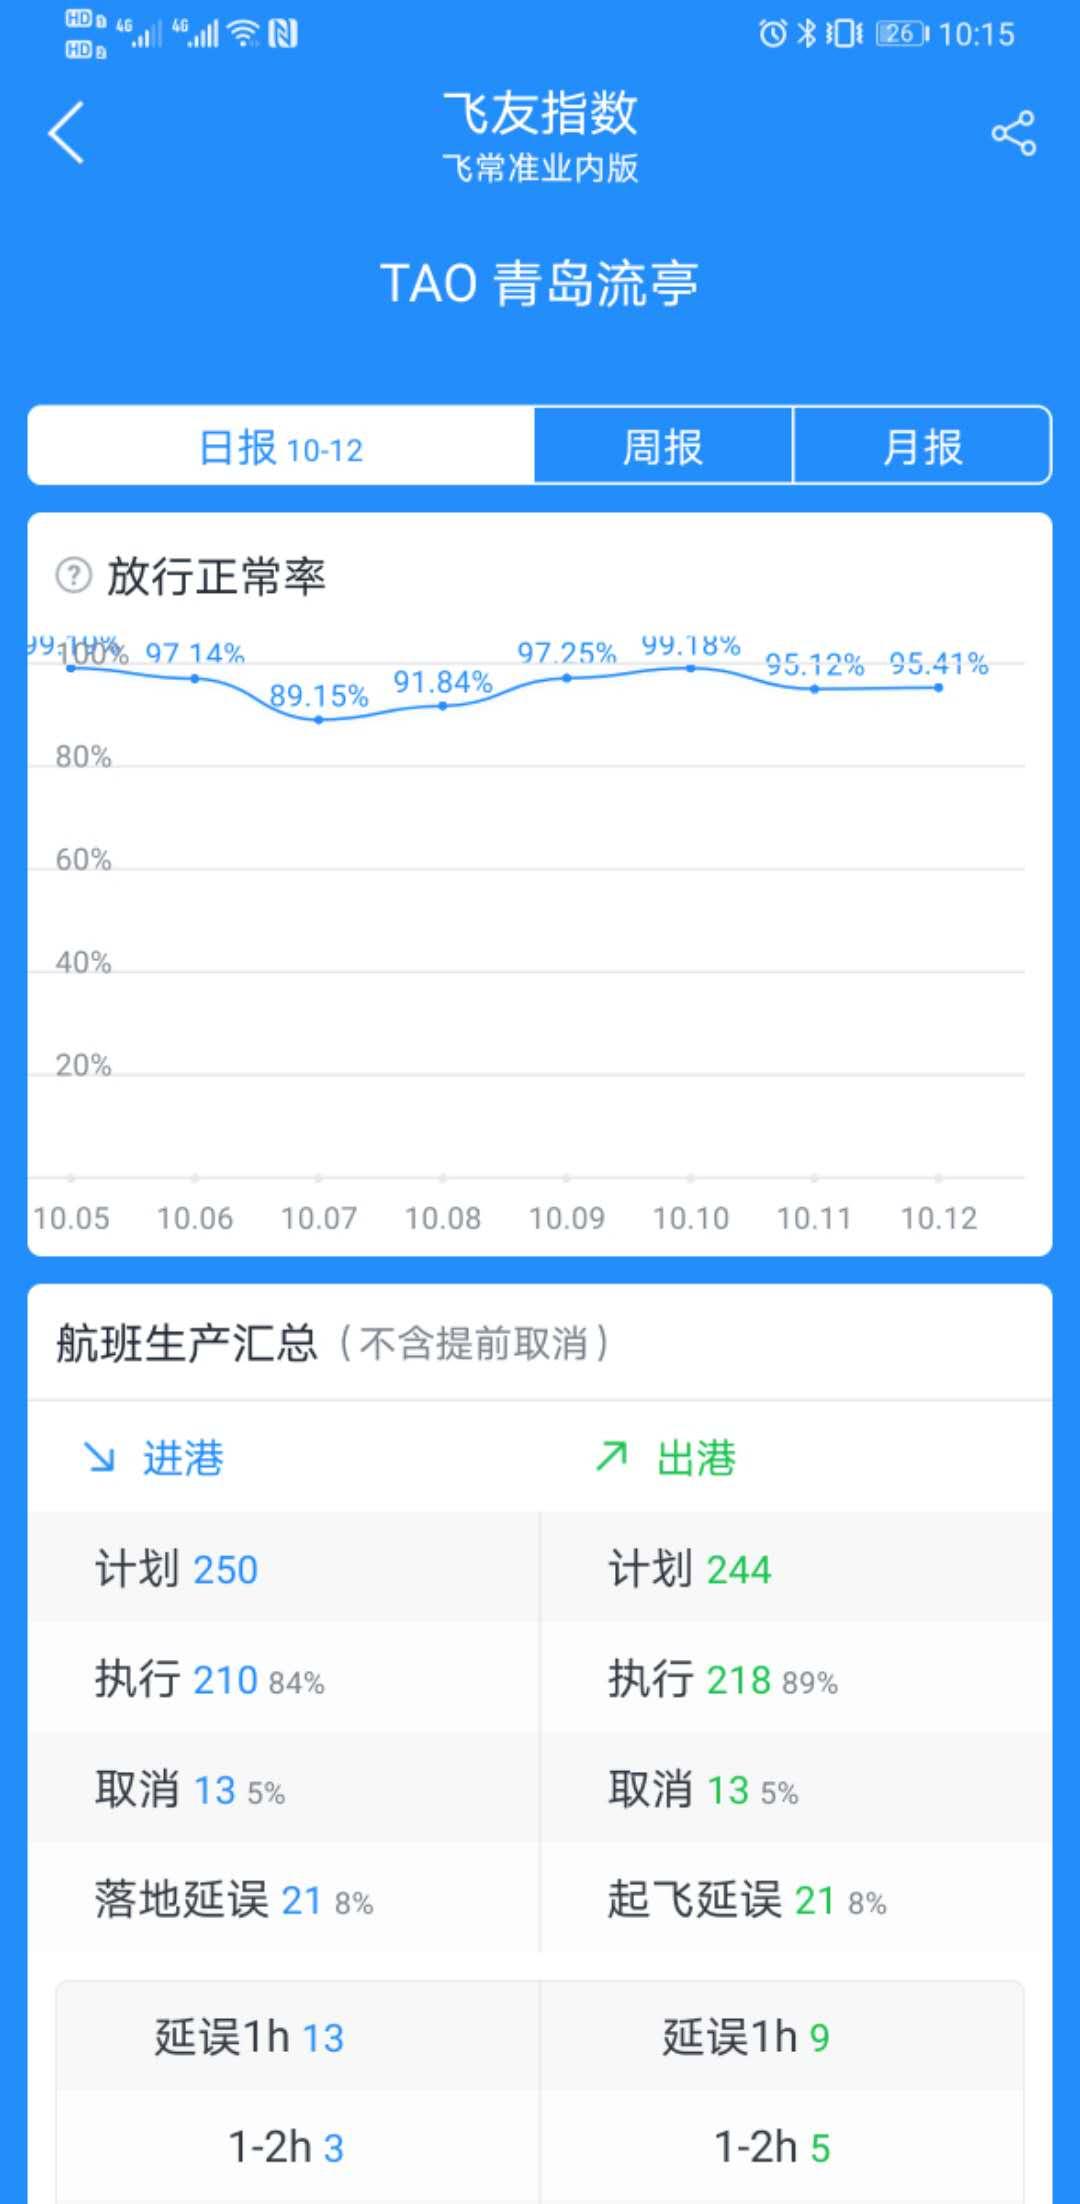 【彩乐园3进入dsn393com】_青岛流亭机场13日进出港航班已取消110架次